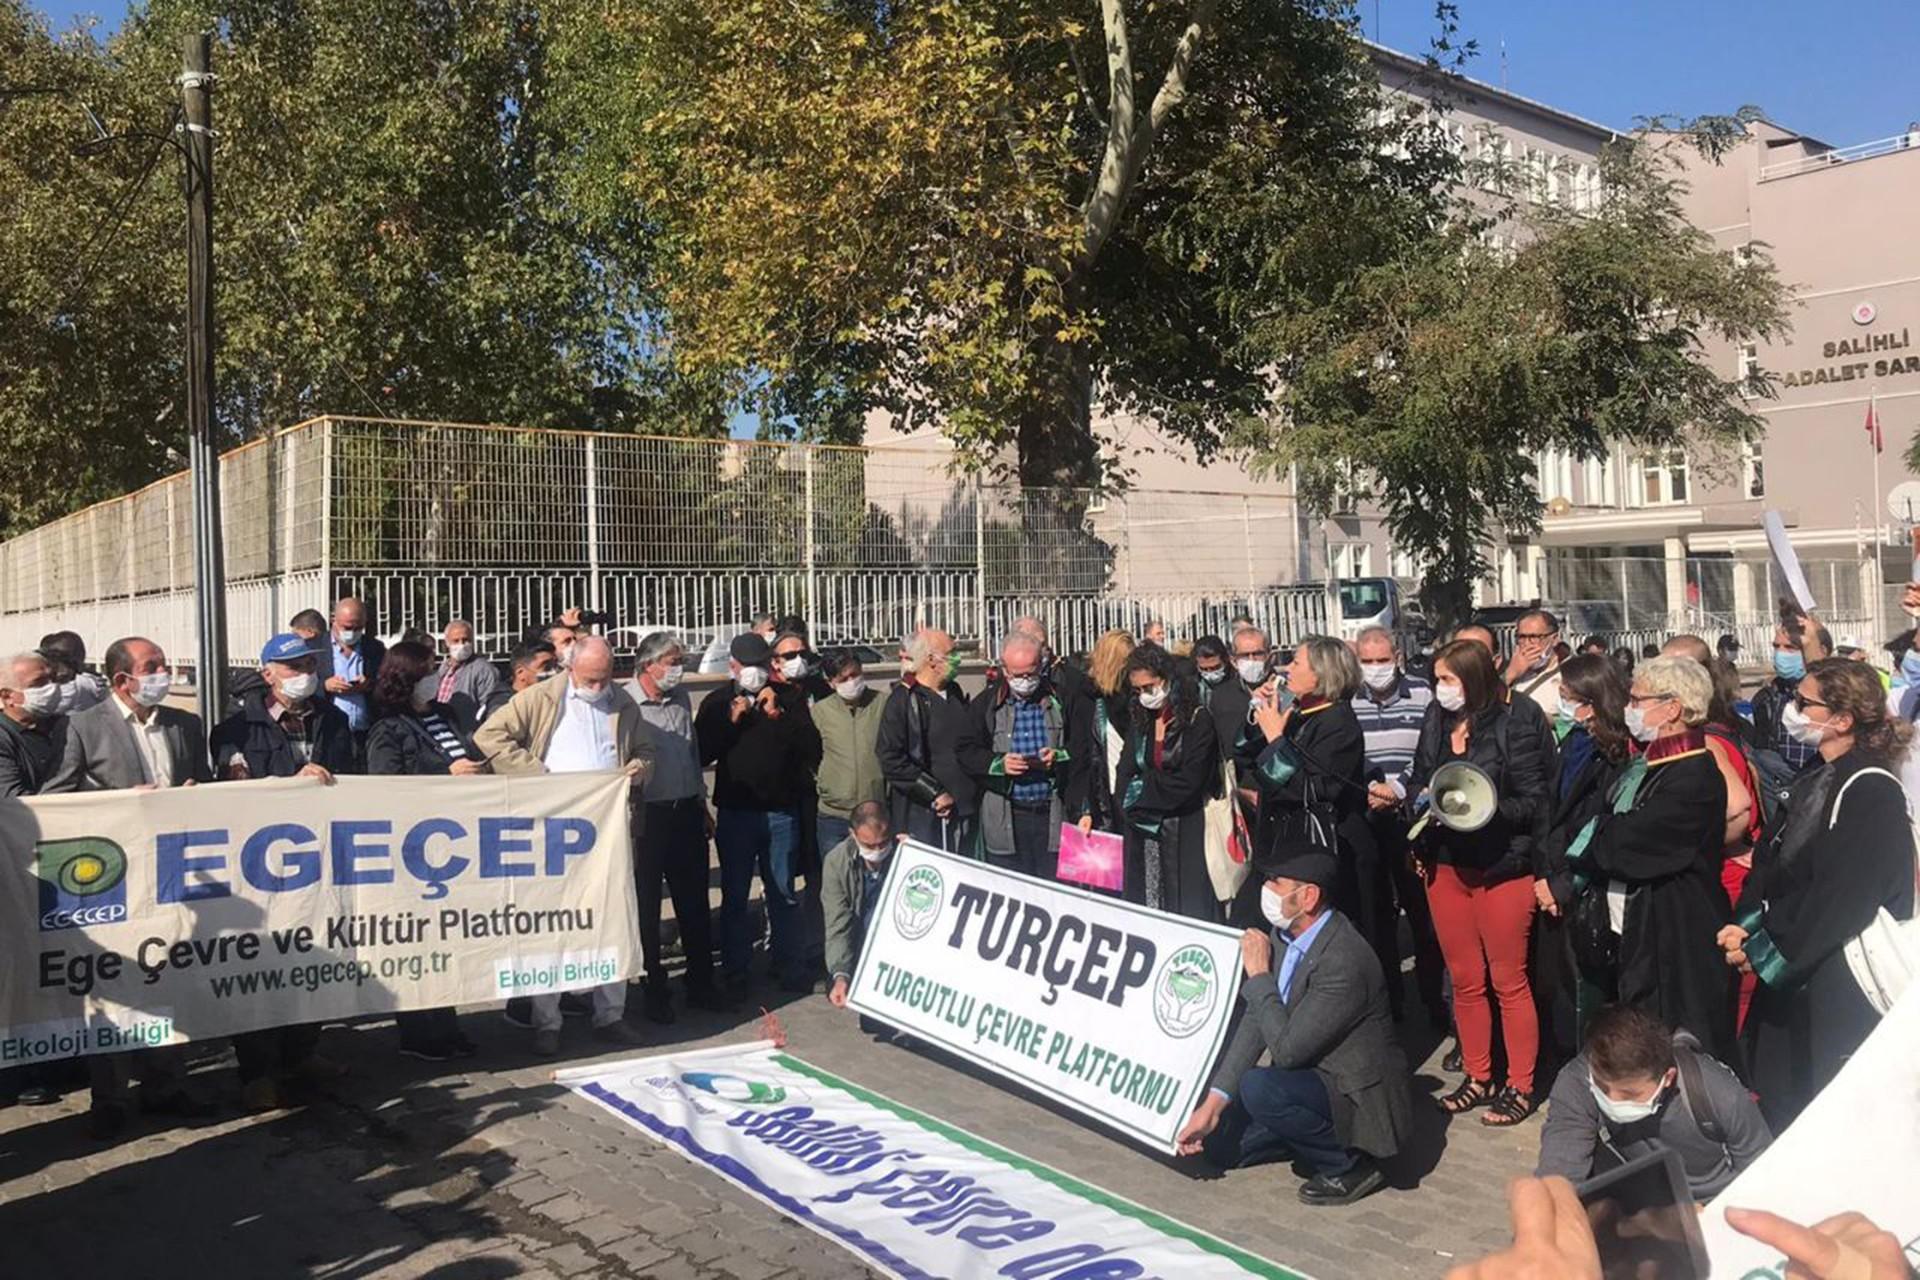 Manisa'nın Salihli ilçesi Hacıbektaşlı mahalleside JES'e karşı topraklarını savunan köylüler hakında açılan davanı ilk duruşması görüldü.